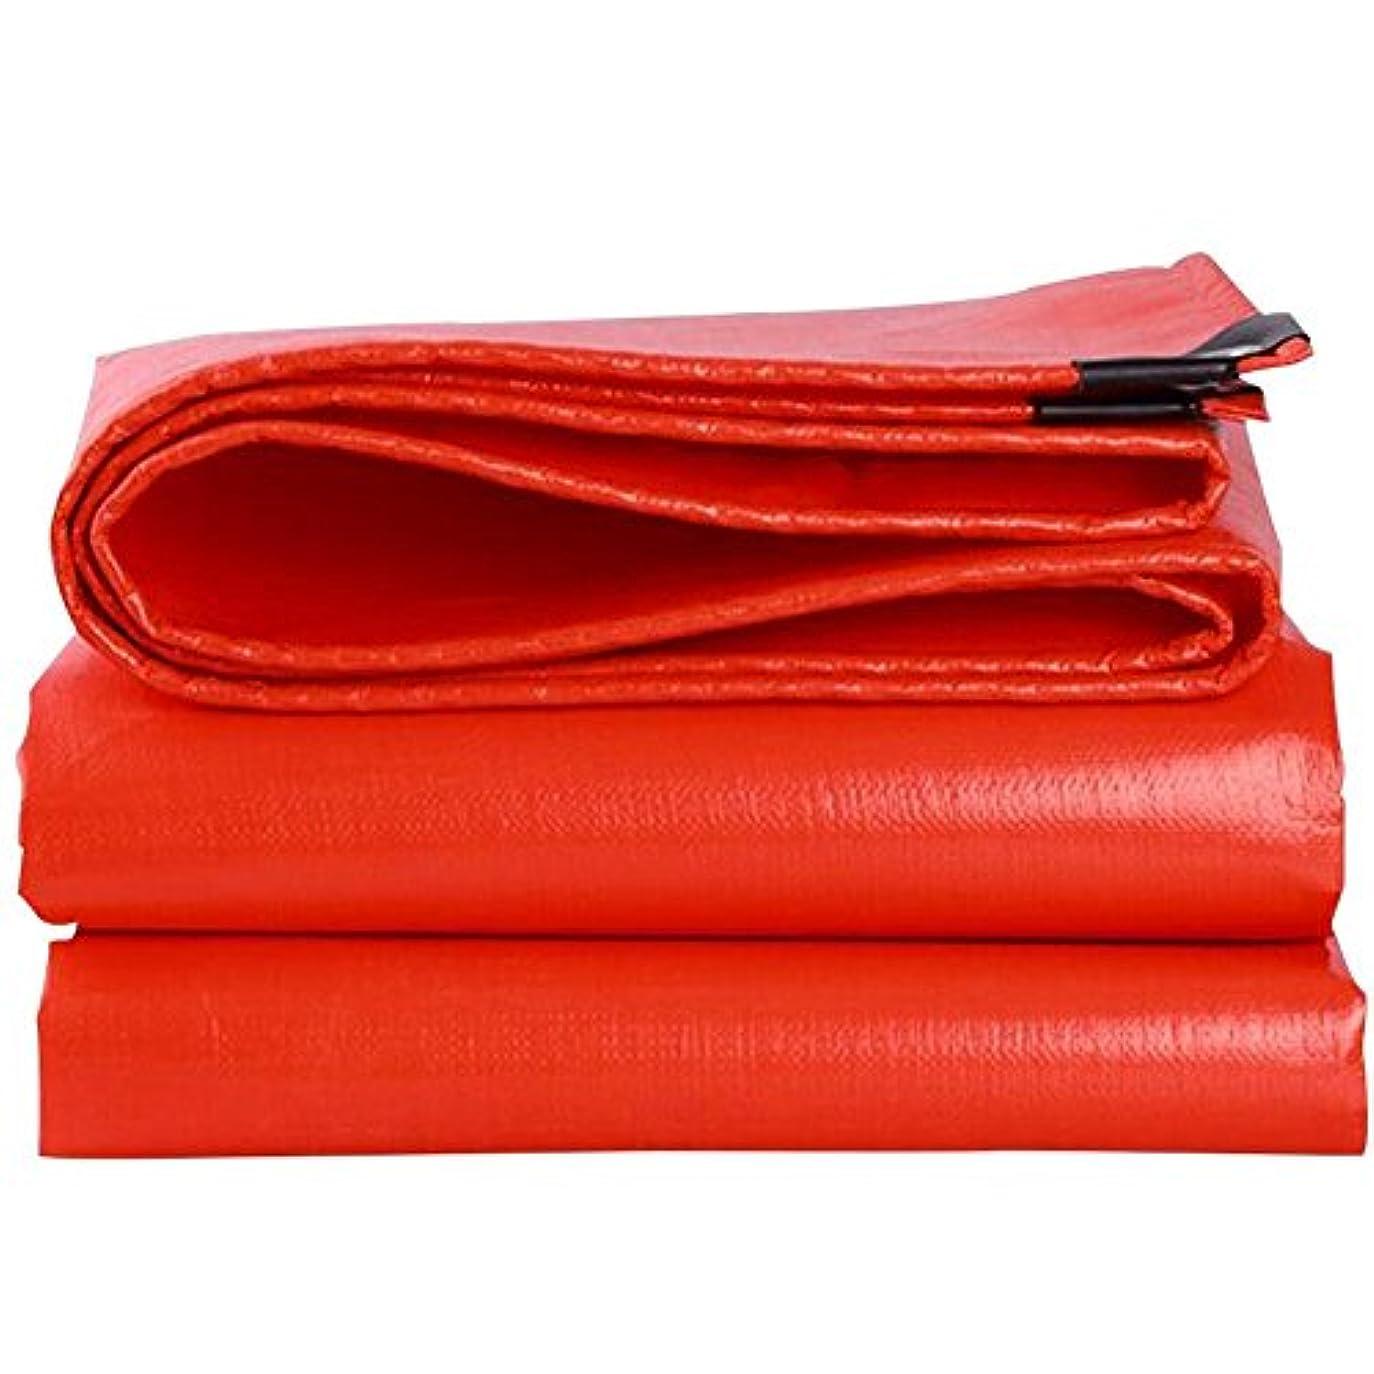 石の階層腐ったQL 厚手のカラーストリップ、防雨布、サンターポリン、超軽量グッズ、車のオーニング、プラスチックキャンバスターポリン で利用可能 tarp (Size : 3X5m)